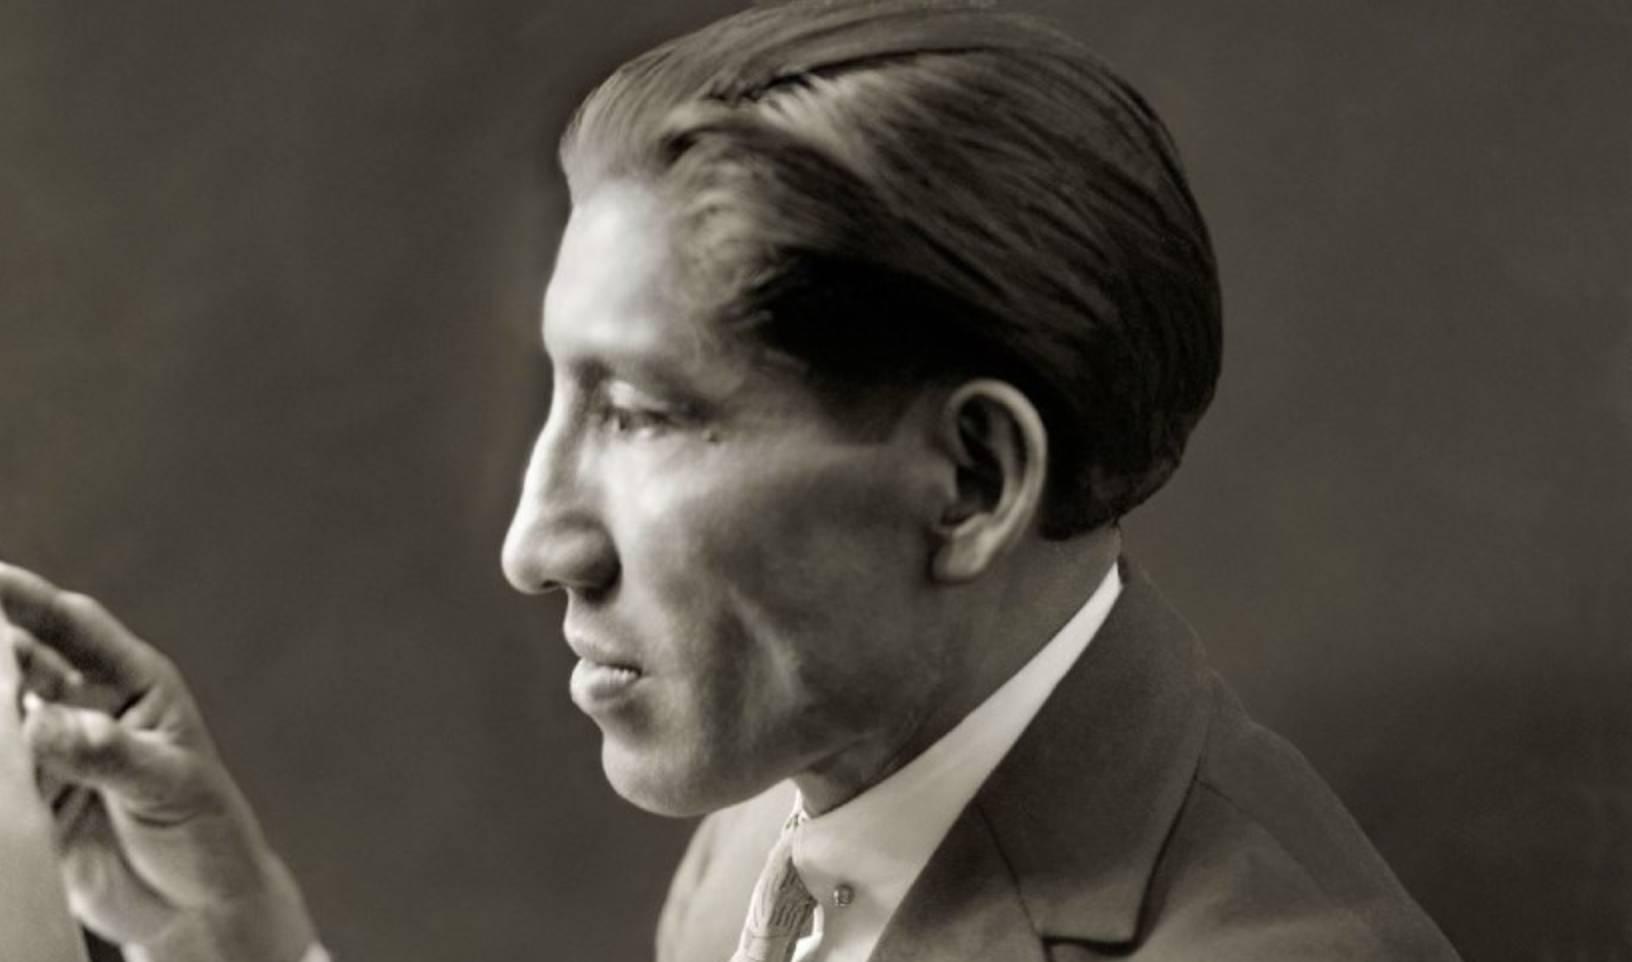 Fotografía: Martín Chambi Jiménez